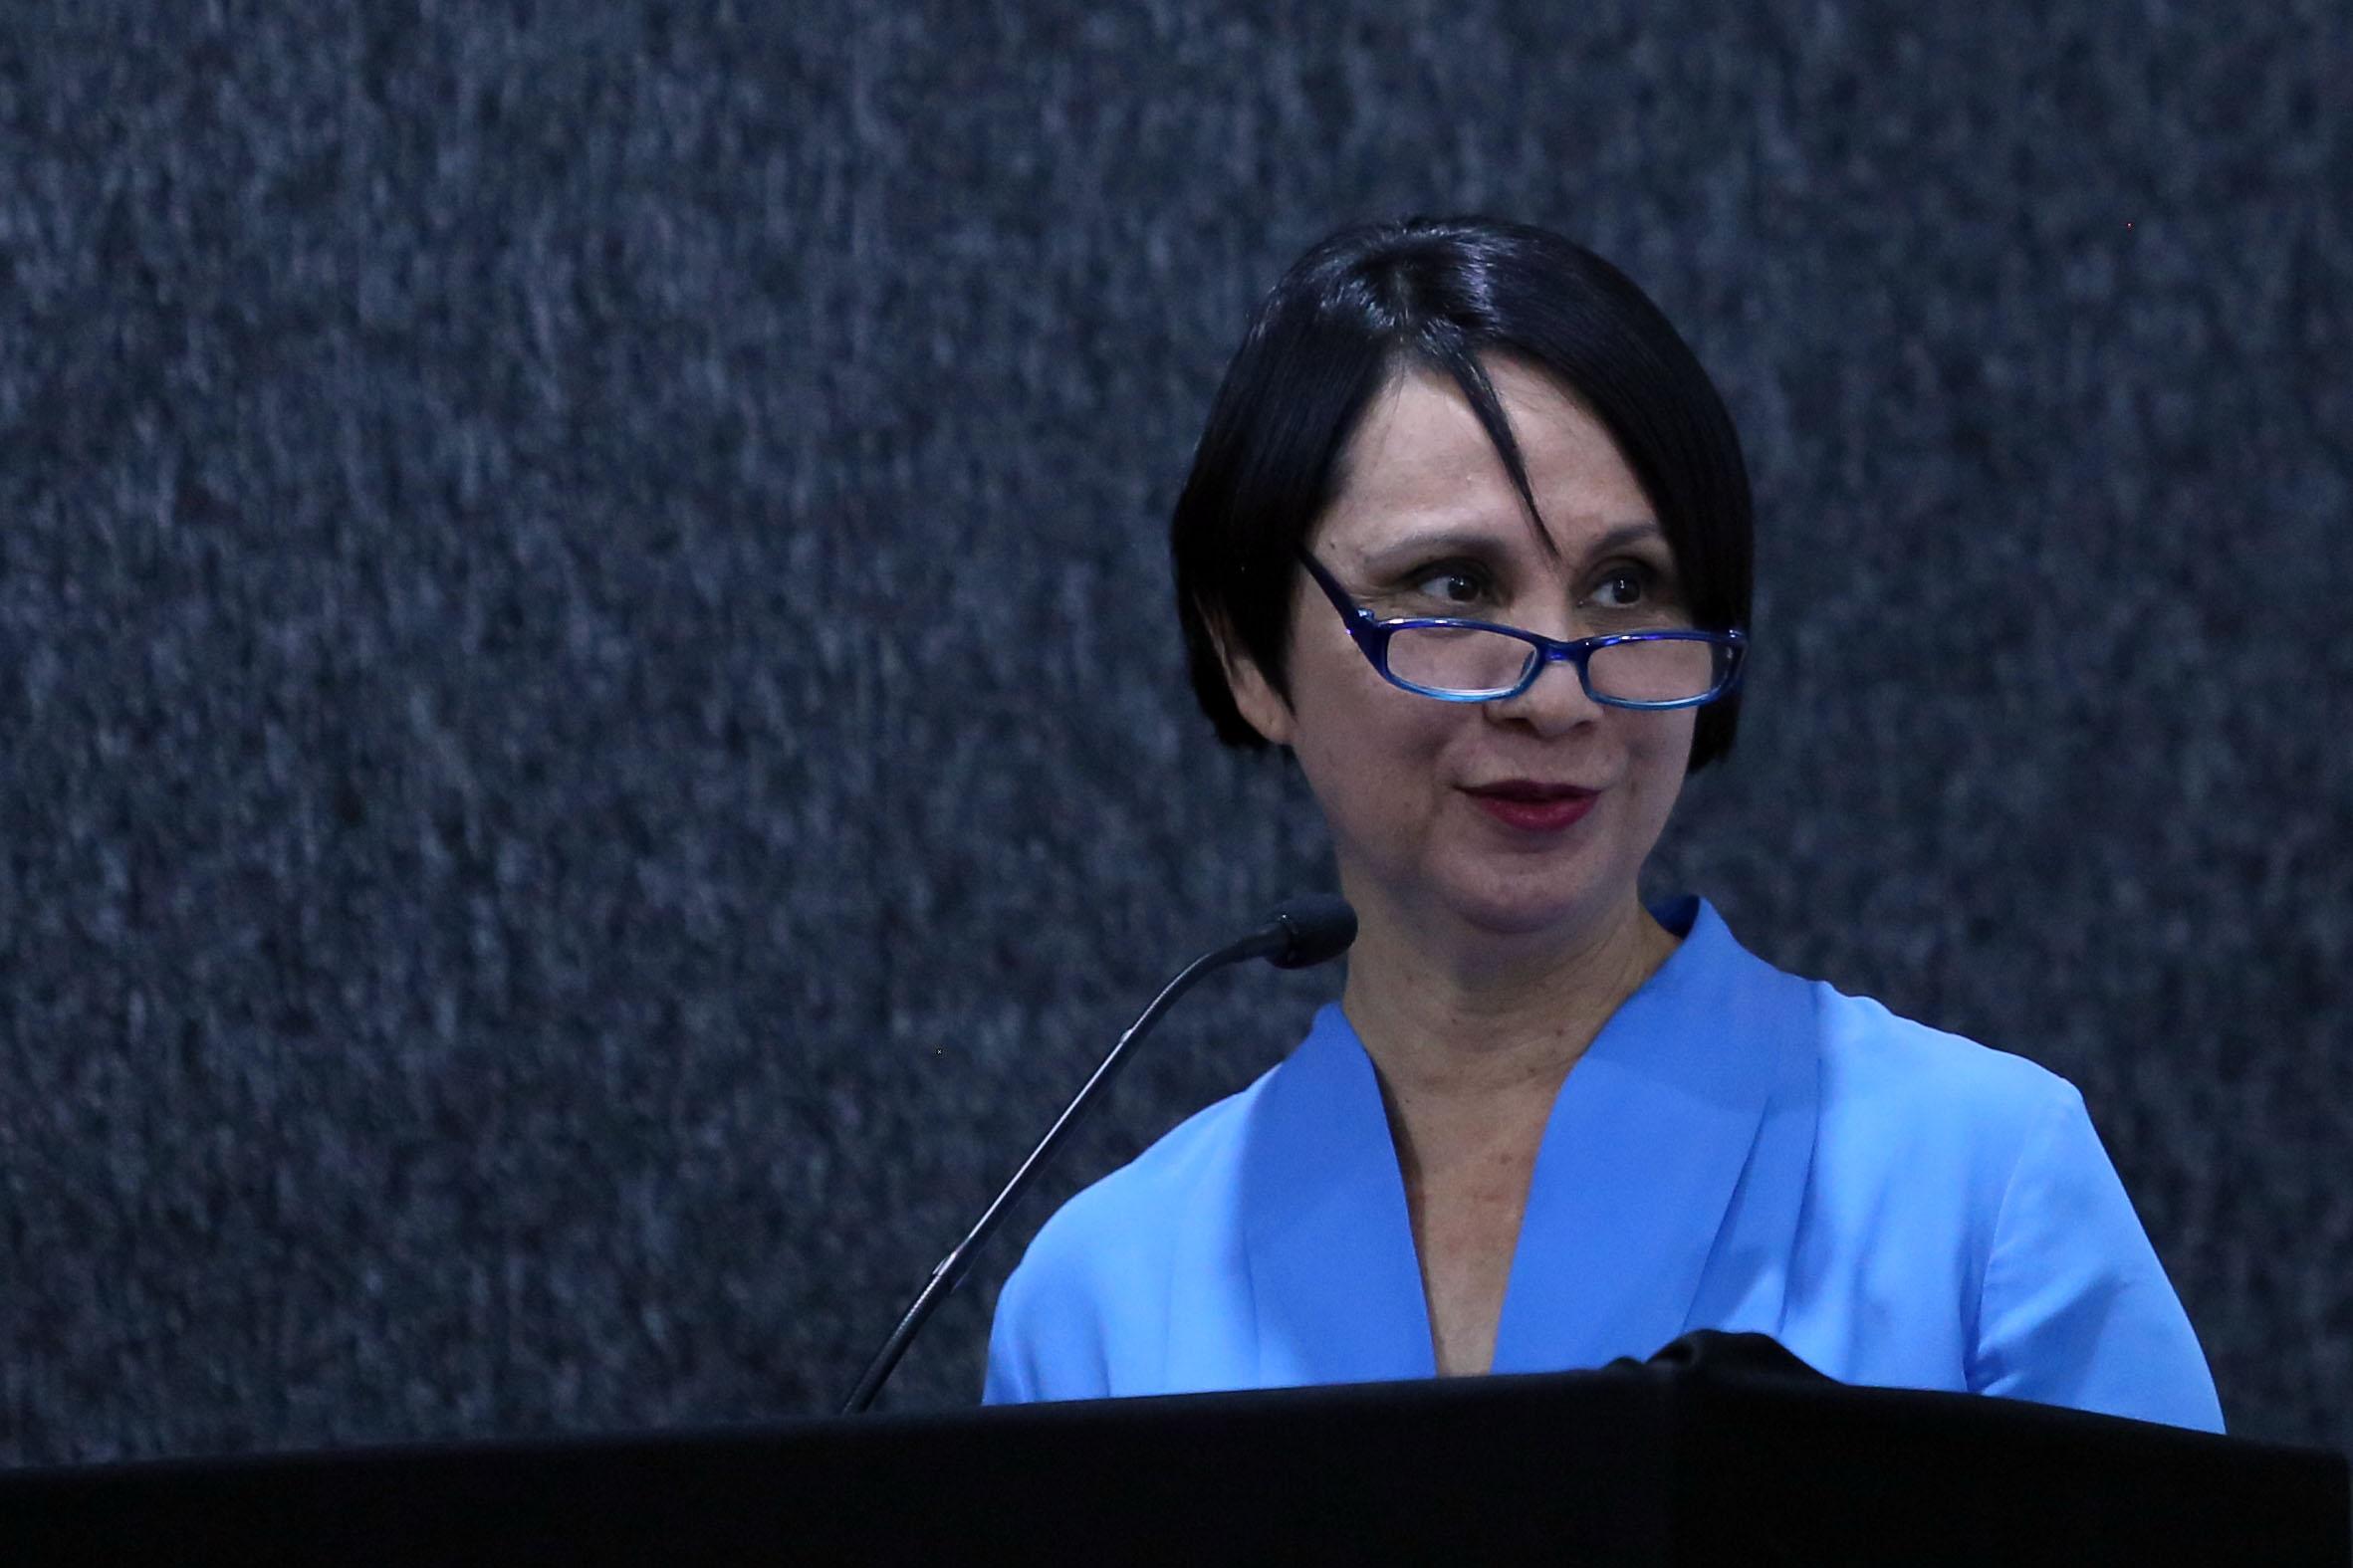 Directora de la División de Estudios de la Cultura, doctora Dulce María Zúñiga, en representación del Rector del CUCSH, doctor Héctor Raúl Solís Gadea